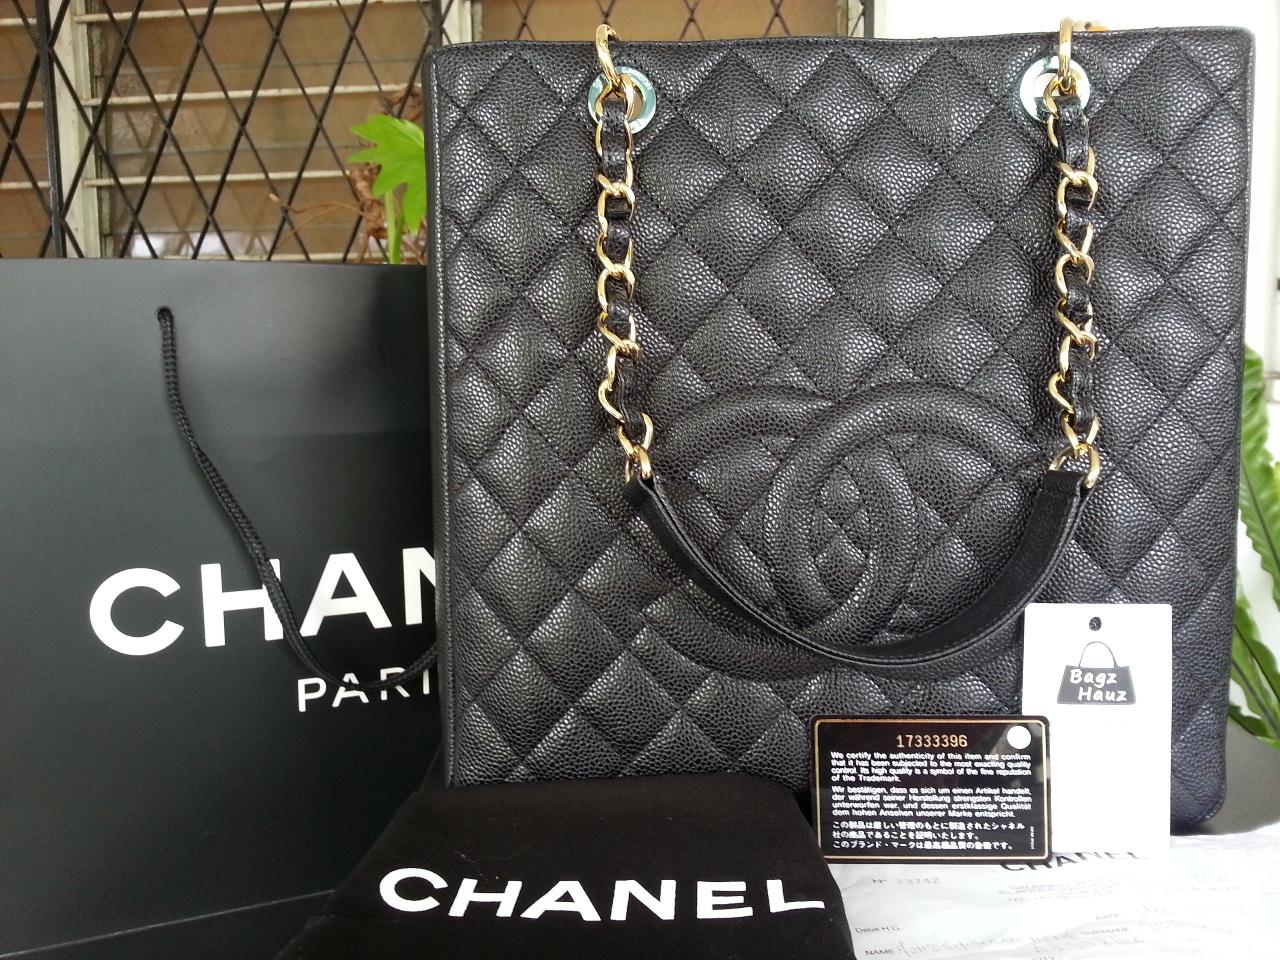 c048b406b5d1 Bagz Hauz Fashion: **SOLD** ~ CHANEL PST XL in Black caviar with GHW